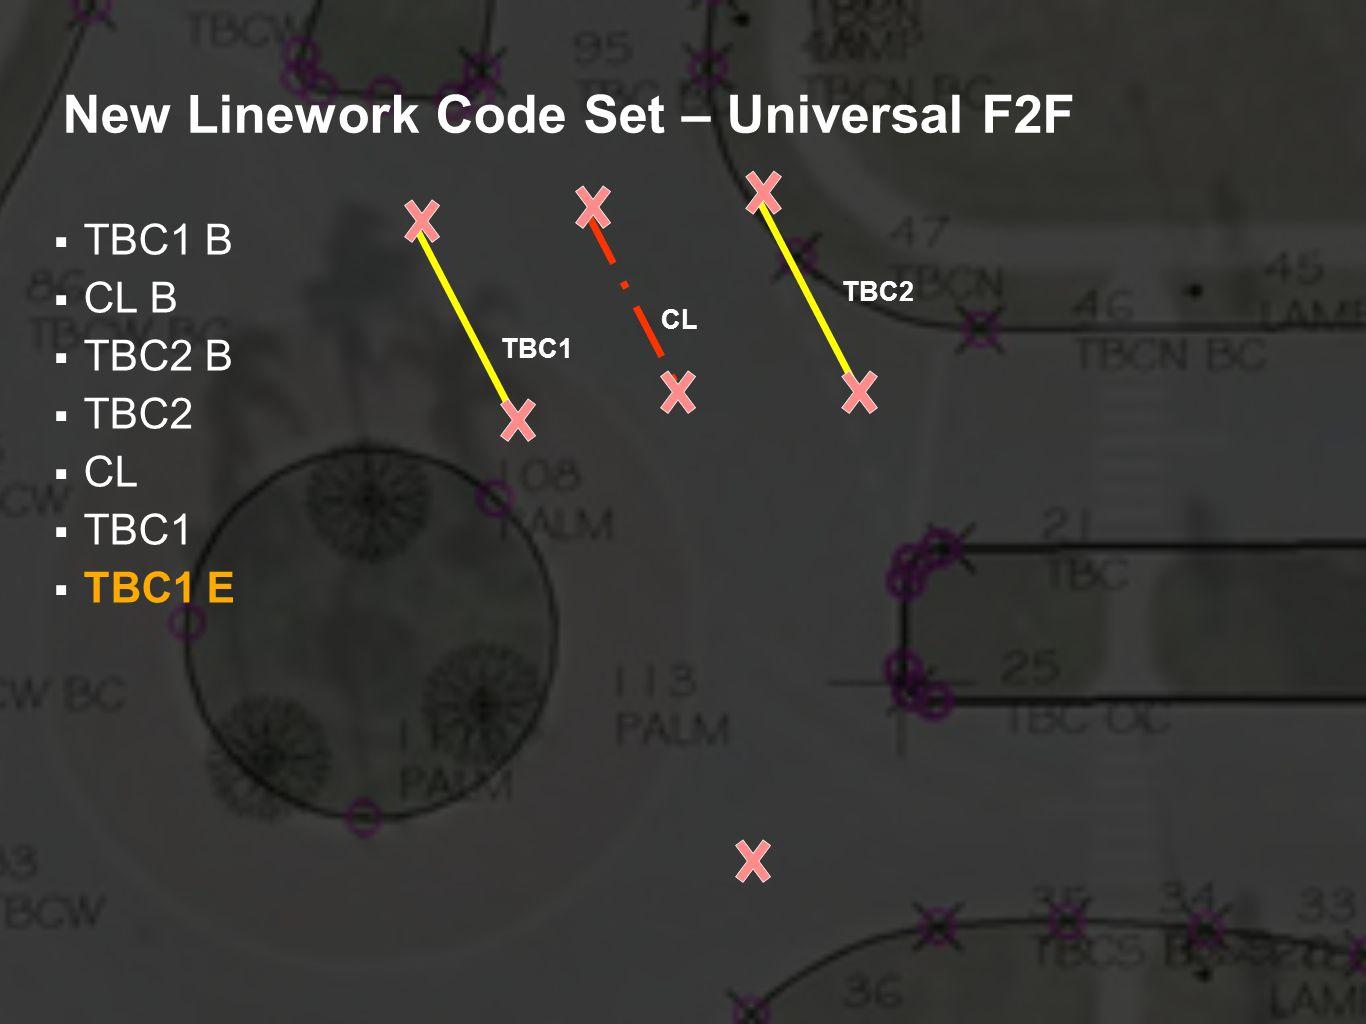 New Linework Code Set – Universal F2F TBC1 B CL B TBC2 B TBC2 CL TBC1 TBC1 E TBC2 CL TBC1